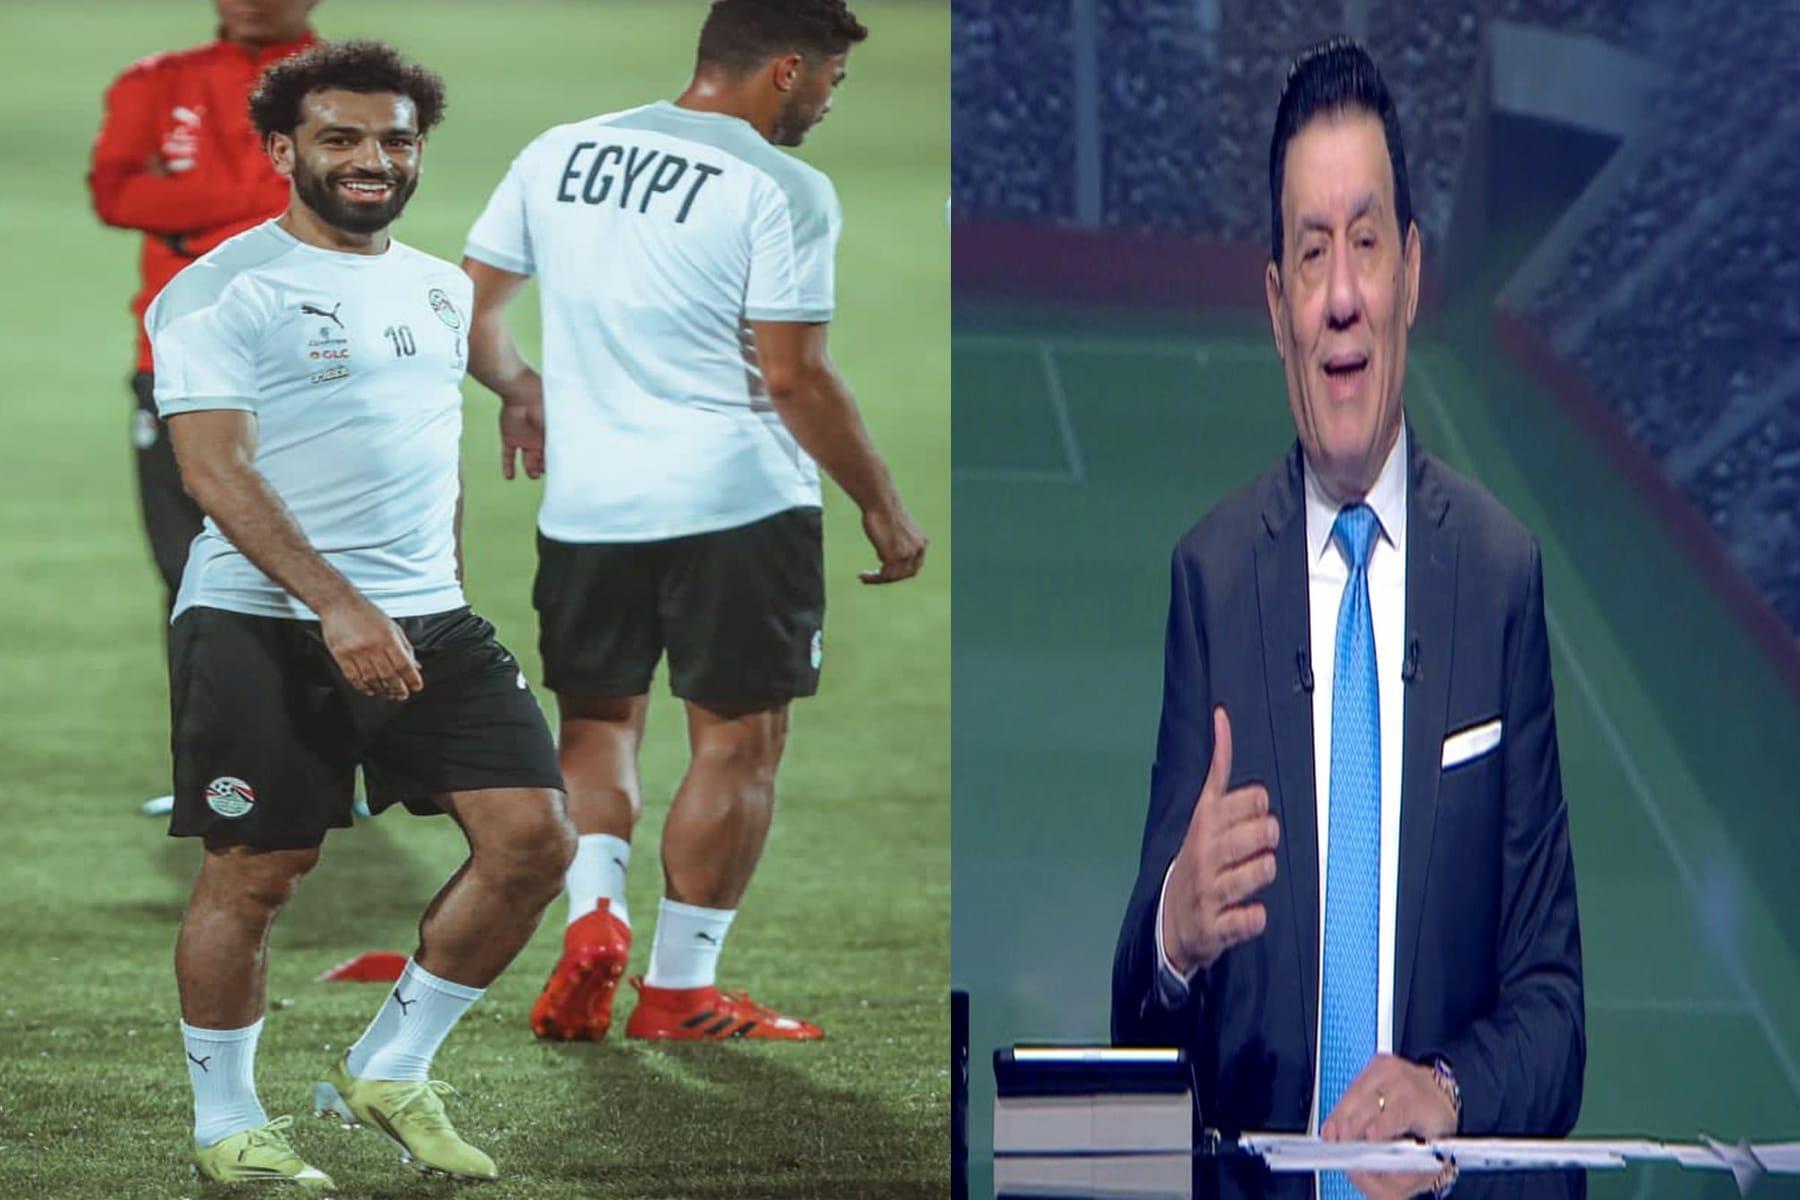 بالفيديو: مدحت شلبي يكشف تفاصيل إغراء محمد صلاح للرحيل عن ليفربول